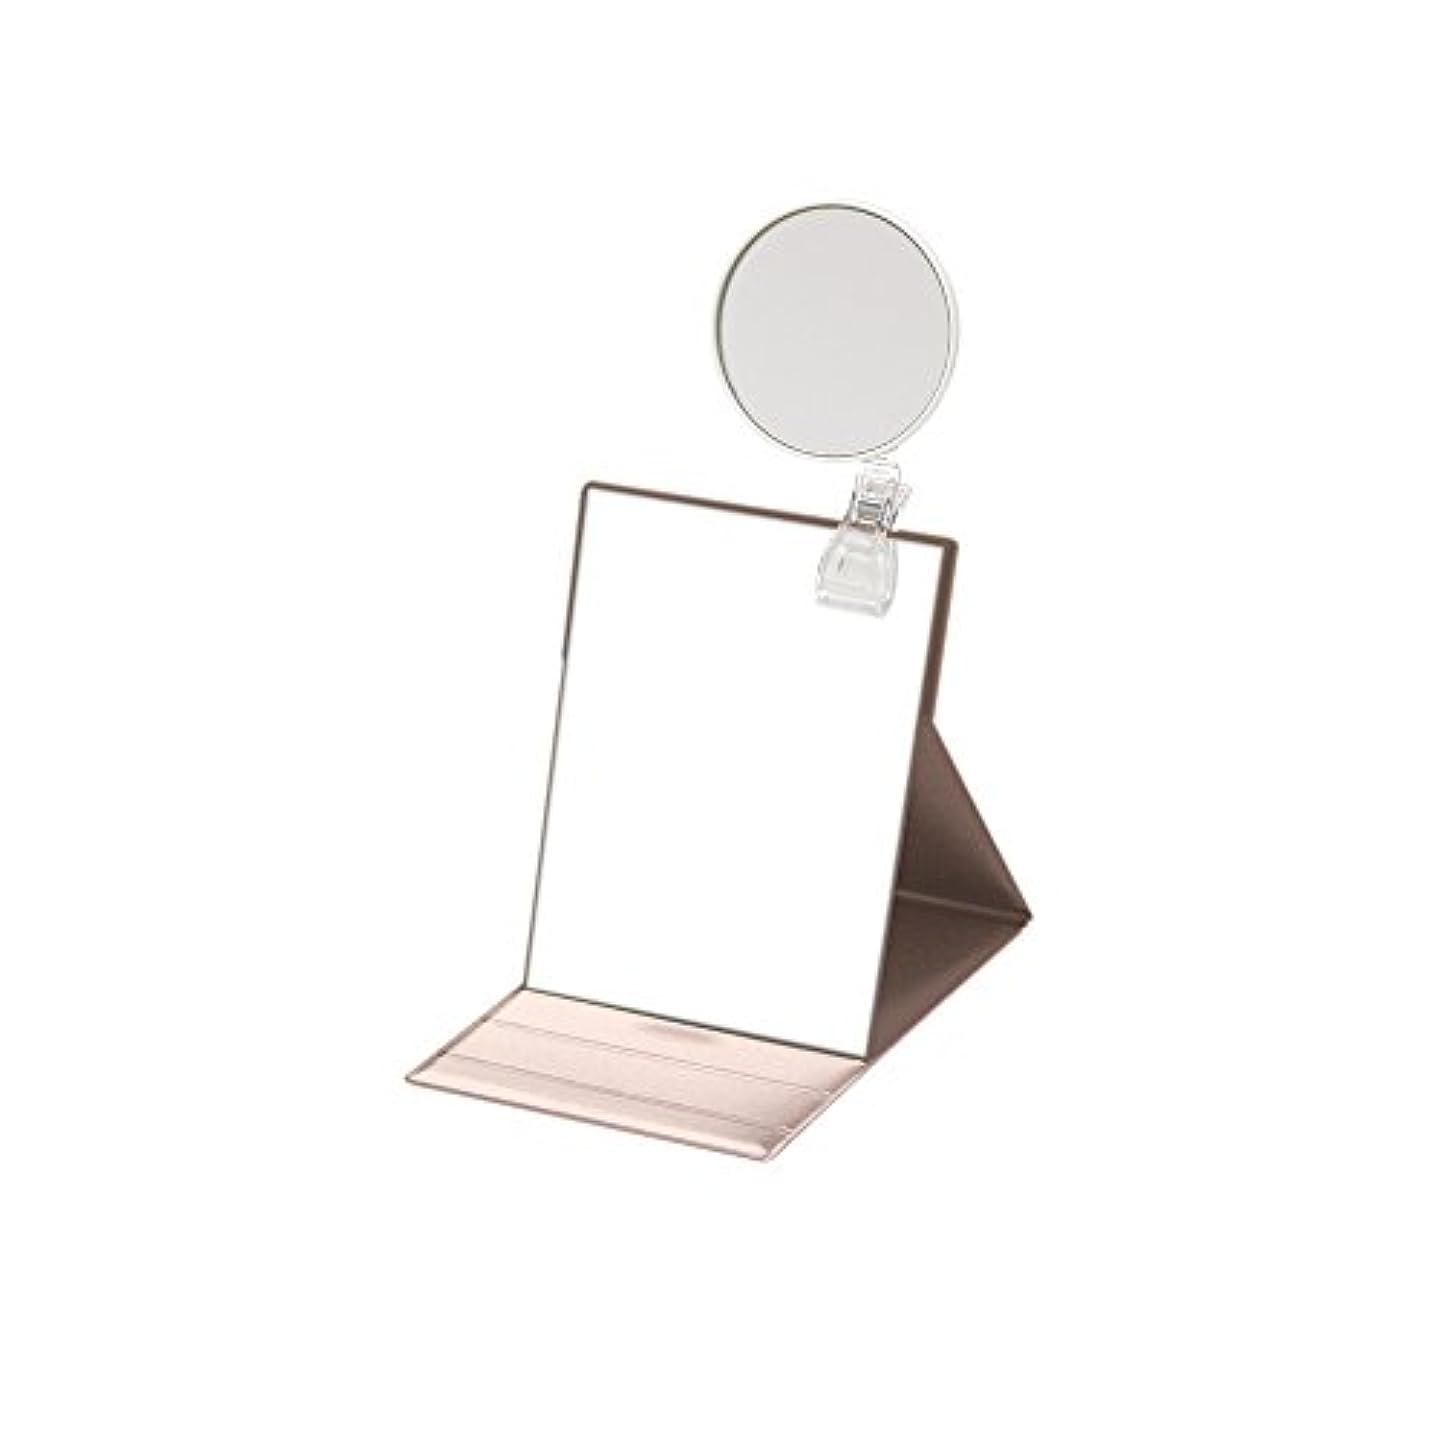 ペフ試す半円ナピュアミラー 5倍拡大鏡付きプロモデル折立ナピュアミラーM ピンクゴールド HP-34×5